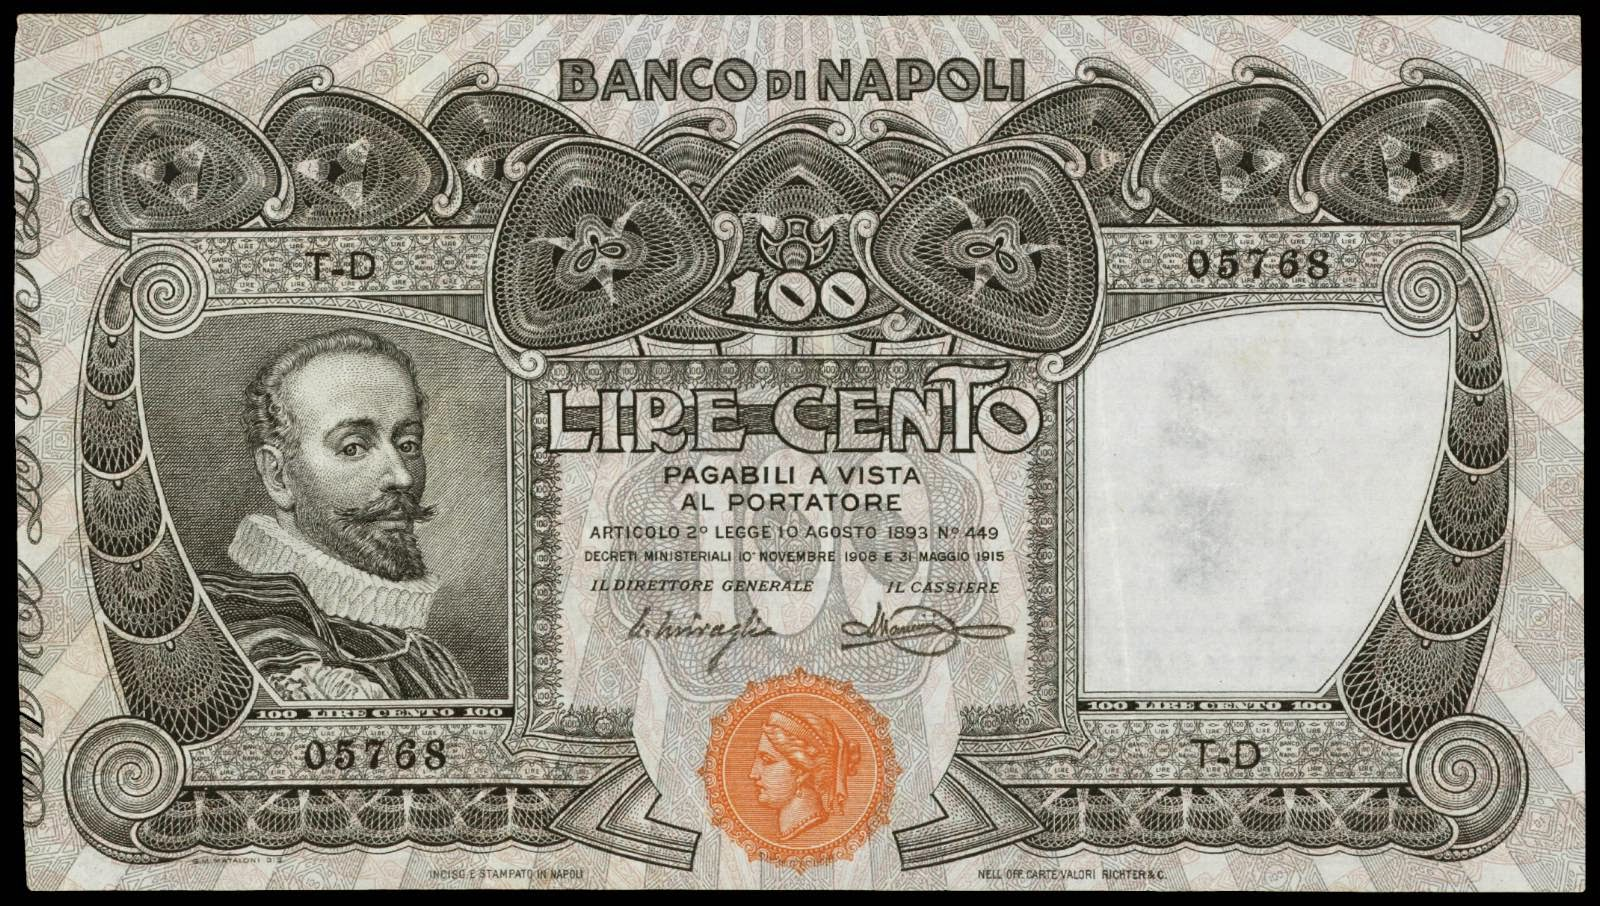 Italy 100 Lire banknote Banco di Napoli